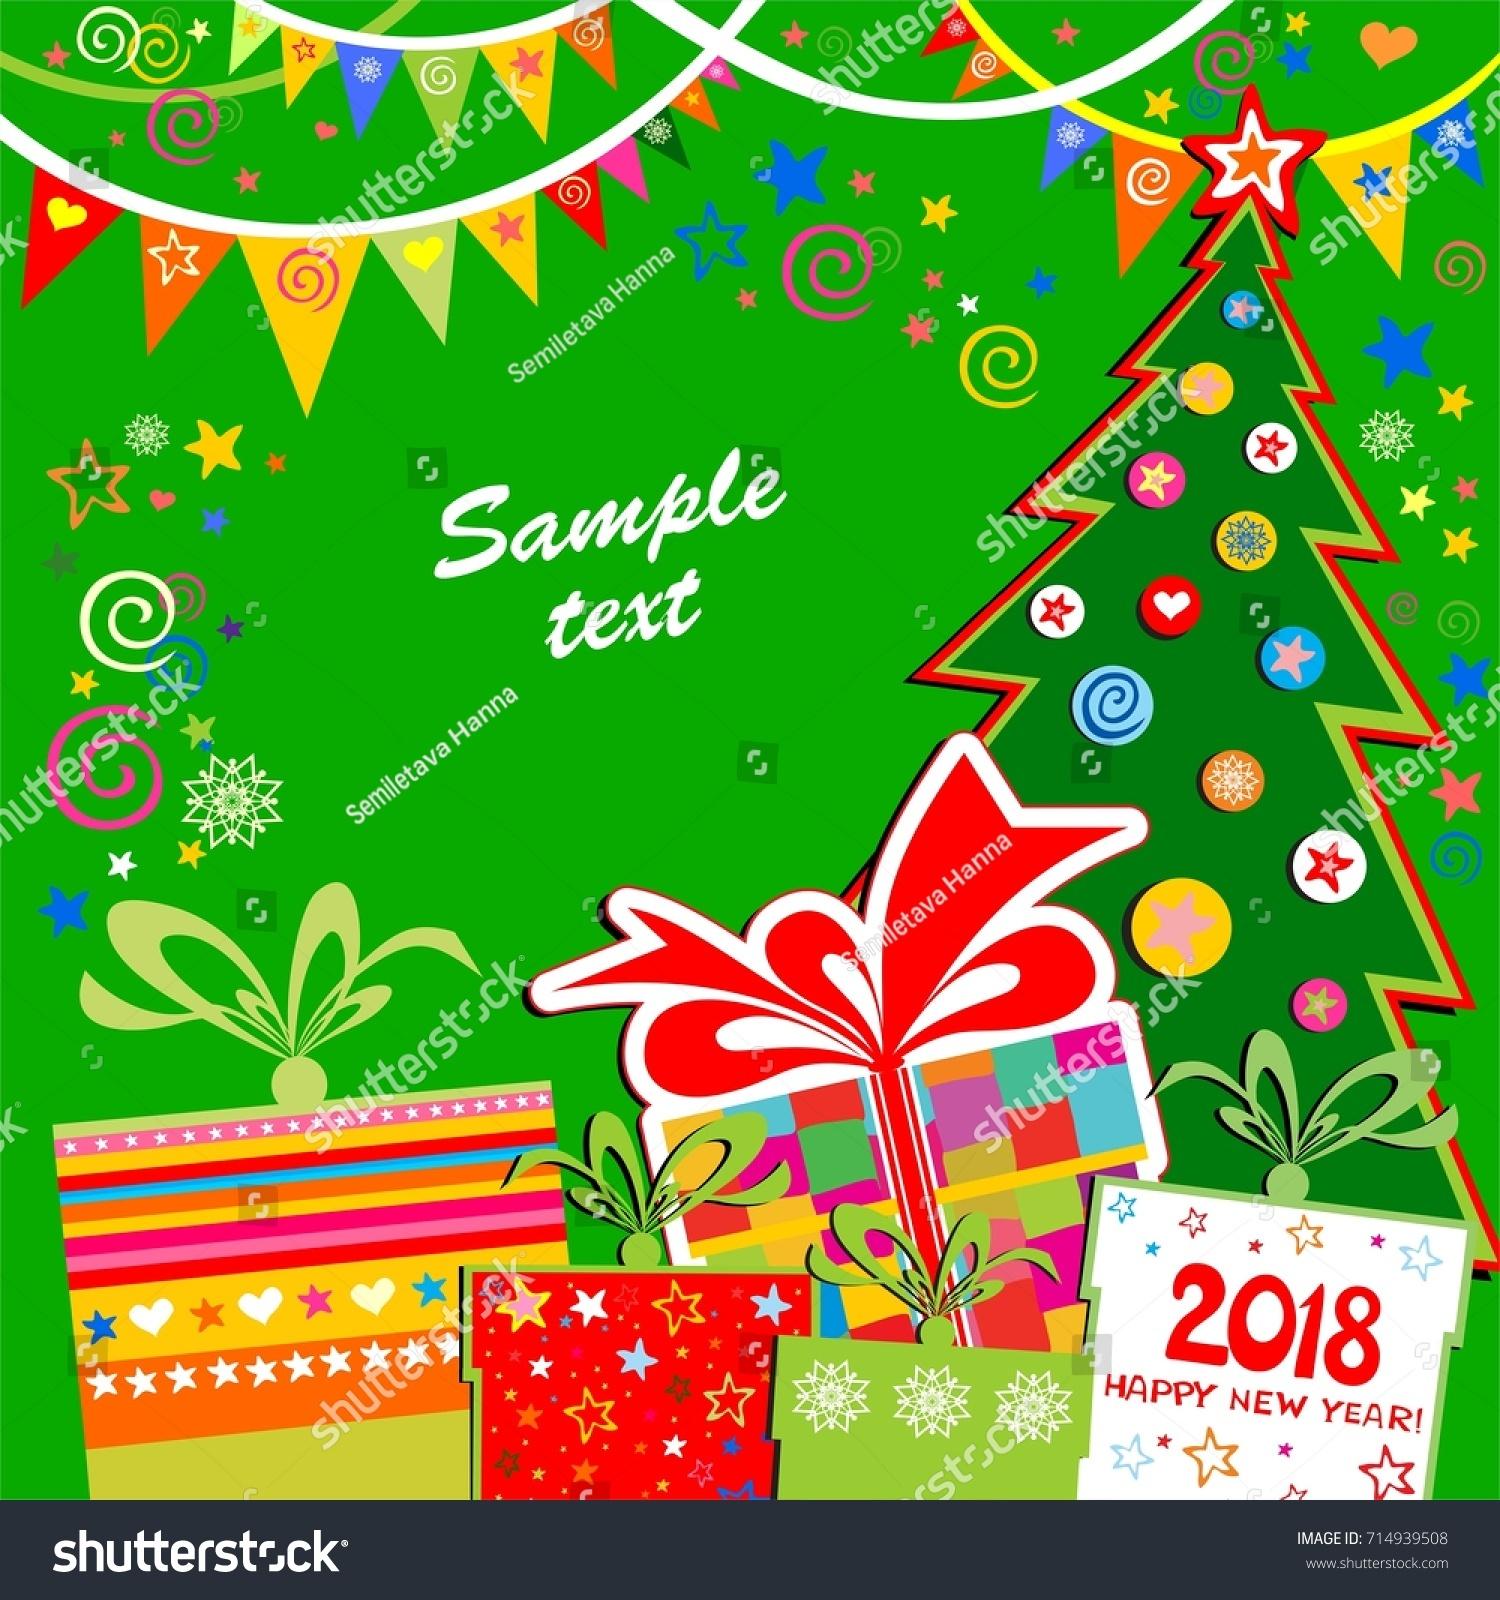 Xmas Card 2018 Happy New Year Stock Vector Royalty Free 714939508